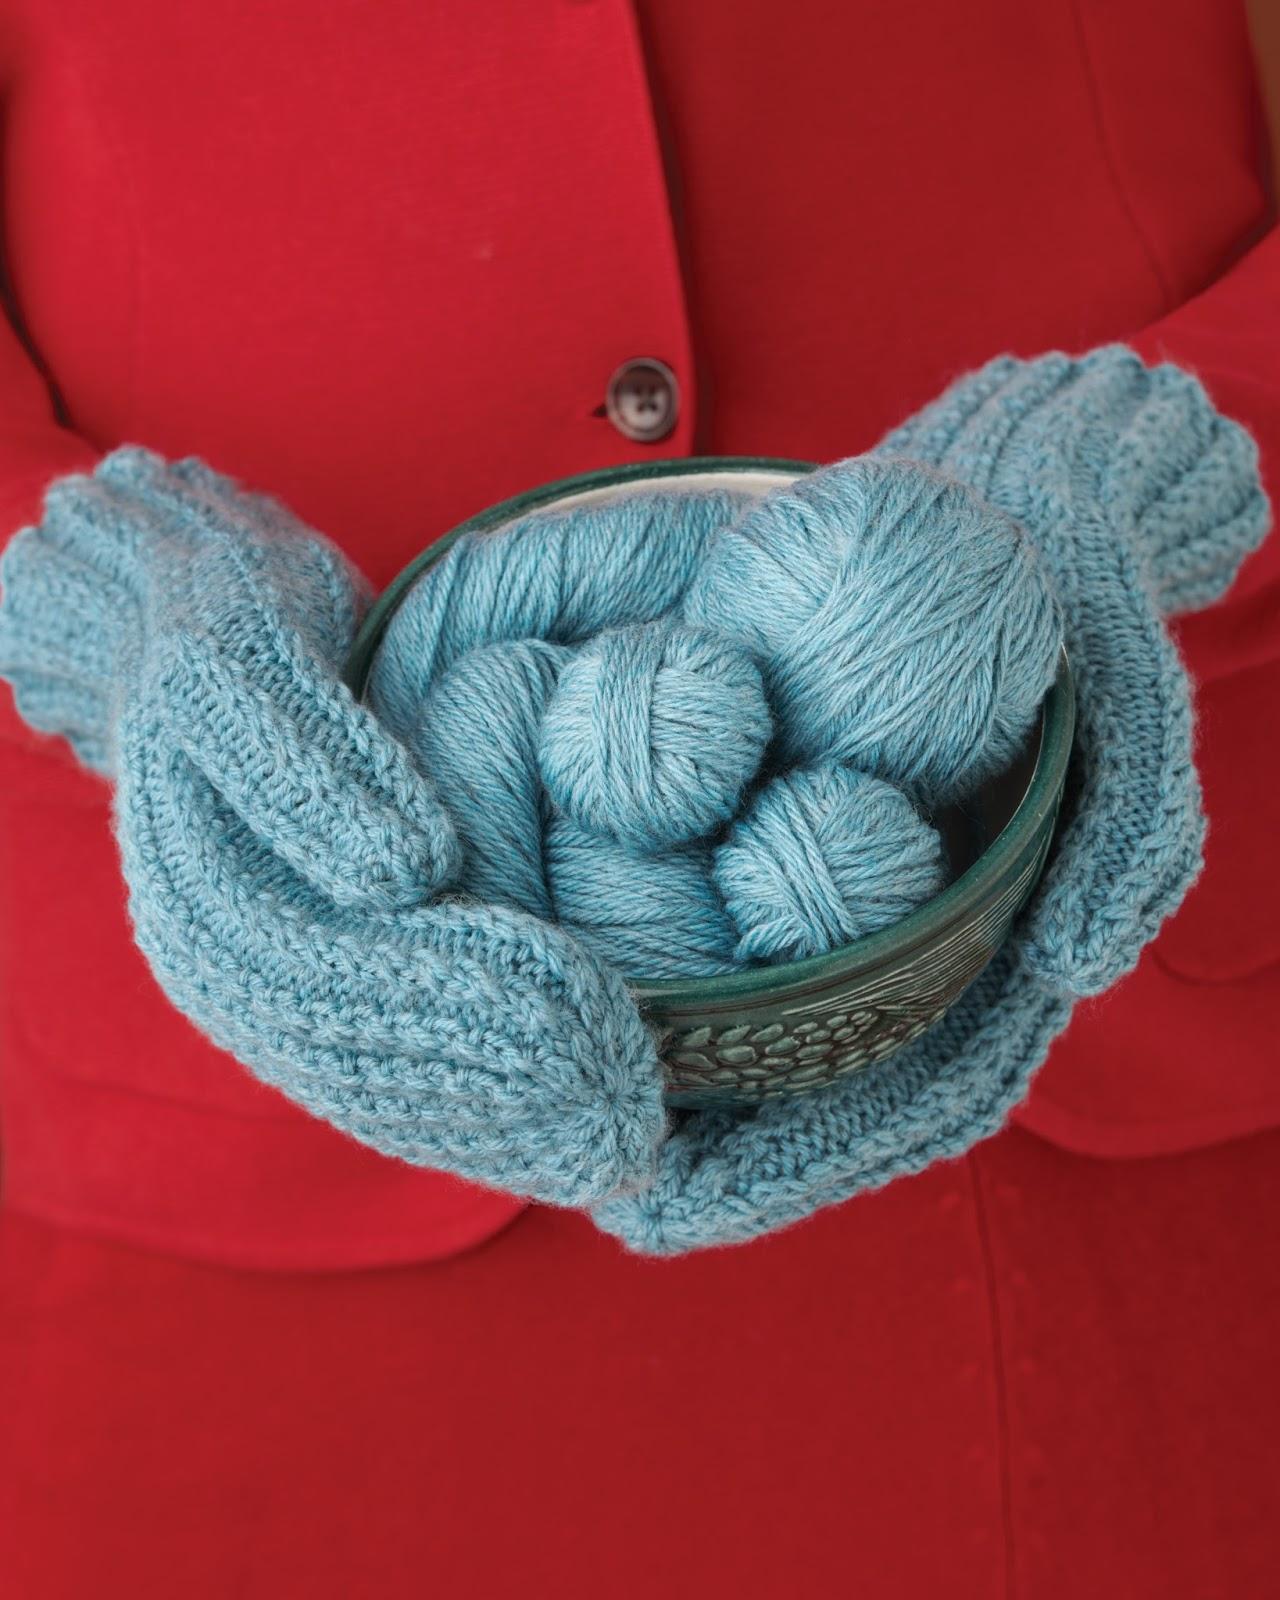 Cascade Yarns Blog: Close Knit - Wyckoff, NJ - Twisted Stitch ...